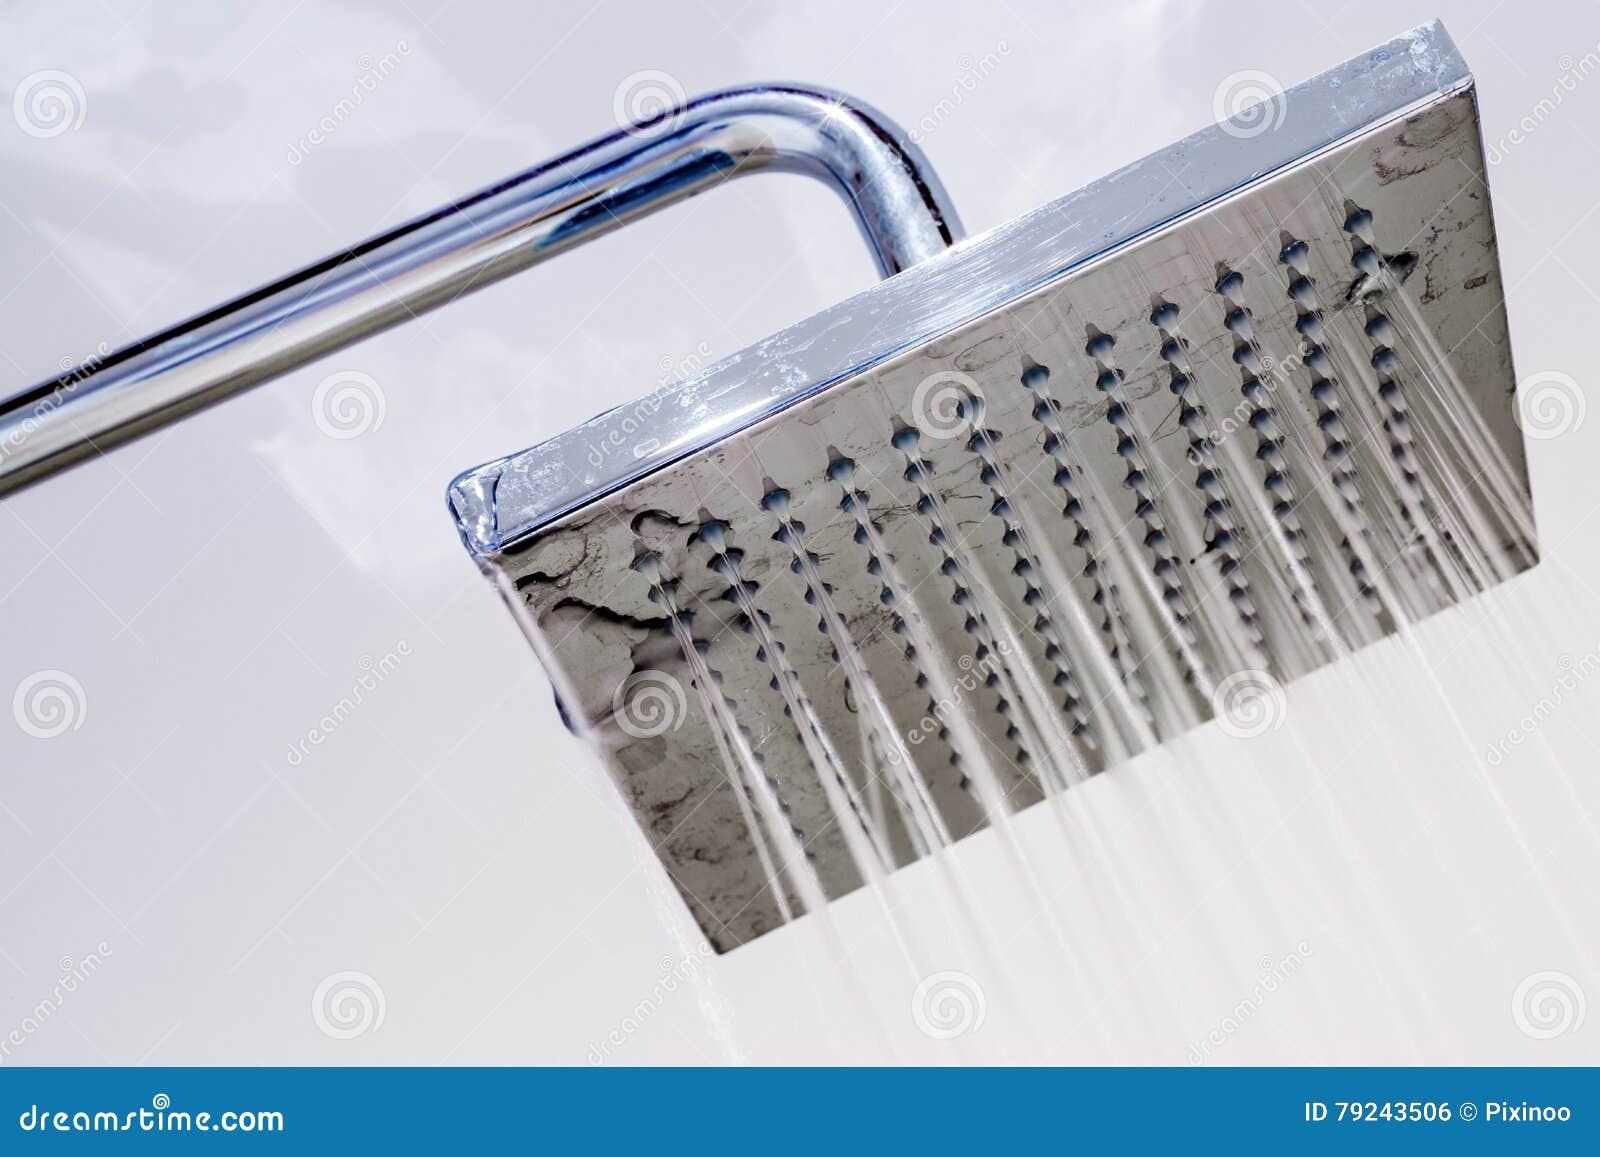 italienische dusche in einem modernen badezimmer stockfoto - bild